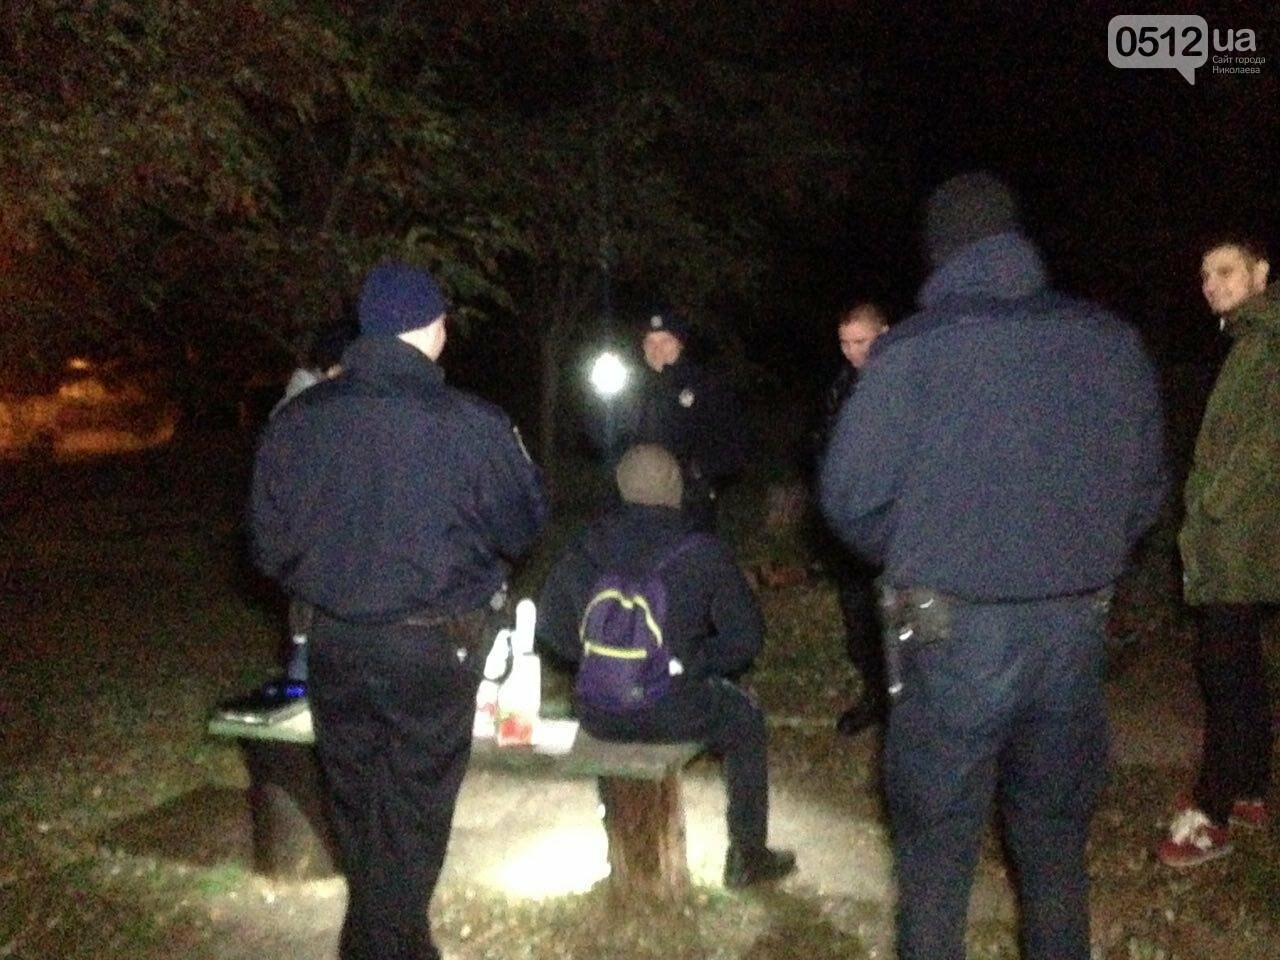 В Николаеве патрульные задержали компанию парней, куривших коноплю в парке возле яхт-клуба, - ФОТО, фото-1